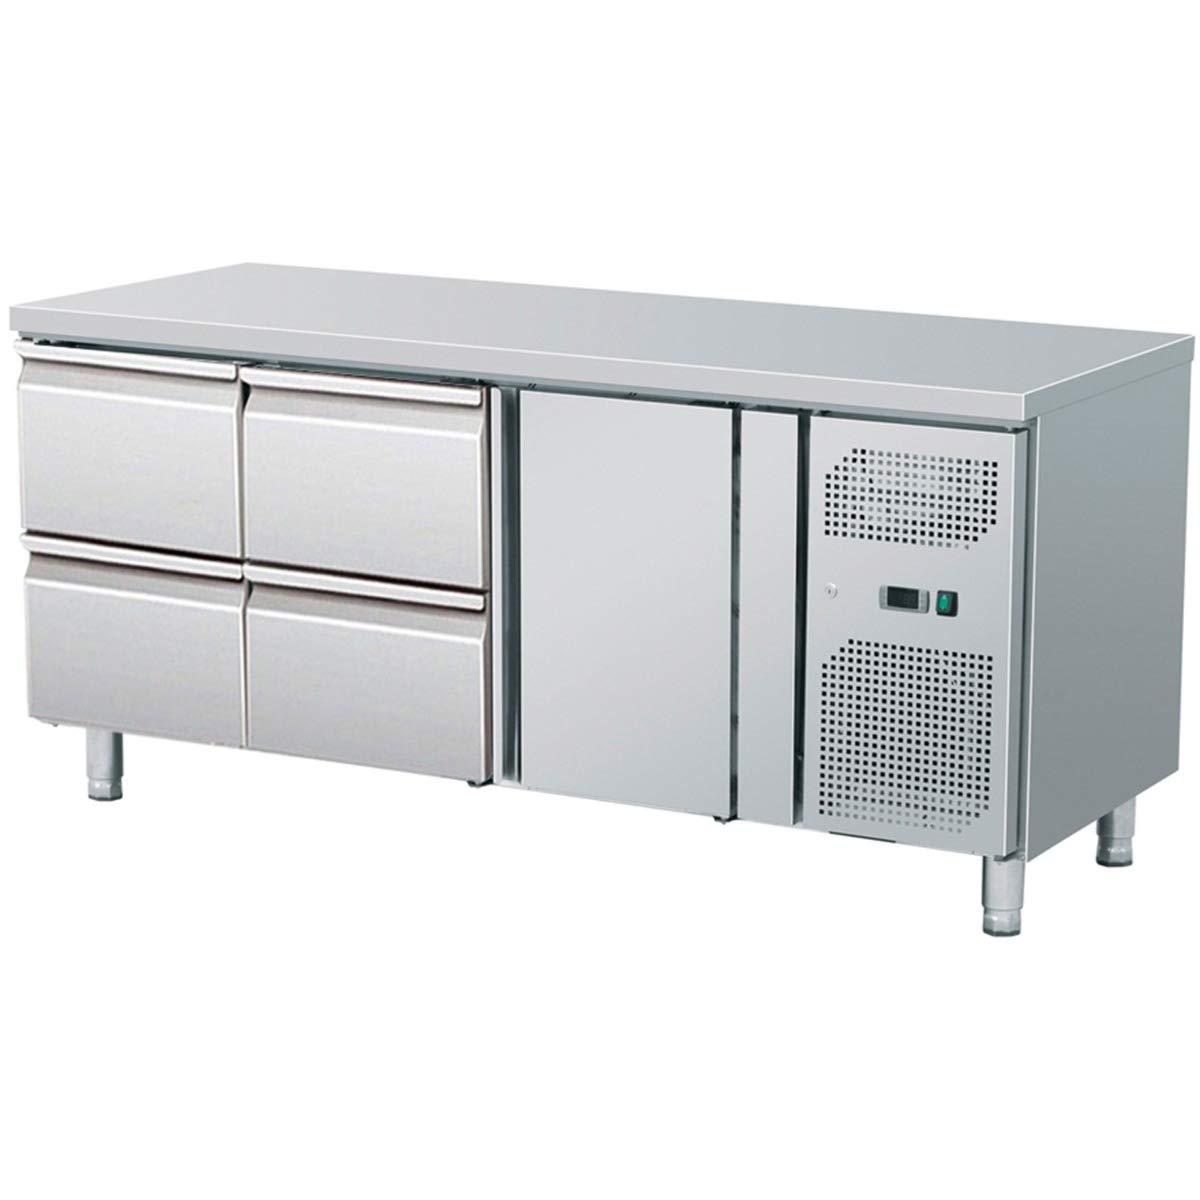 ZORRO - Kü hltisch mit Fü ß en ZGN 3140-2 Tü ren - 2 Schubladen - Gastro Zubereitungstisch mit Arbeitsflä che - R600A - Digitales Thermostat - Umluftkü hlung ZGN 3140 TN